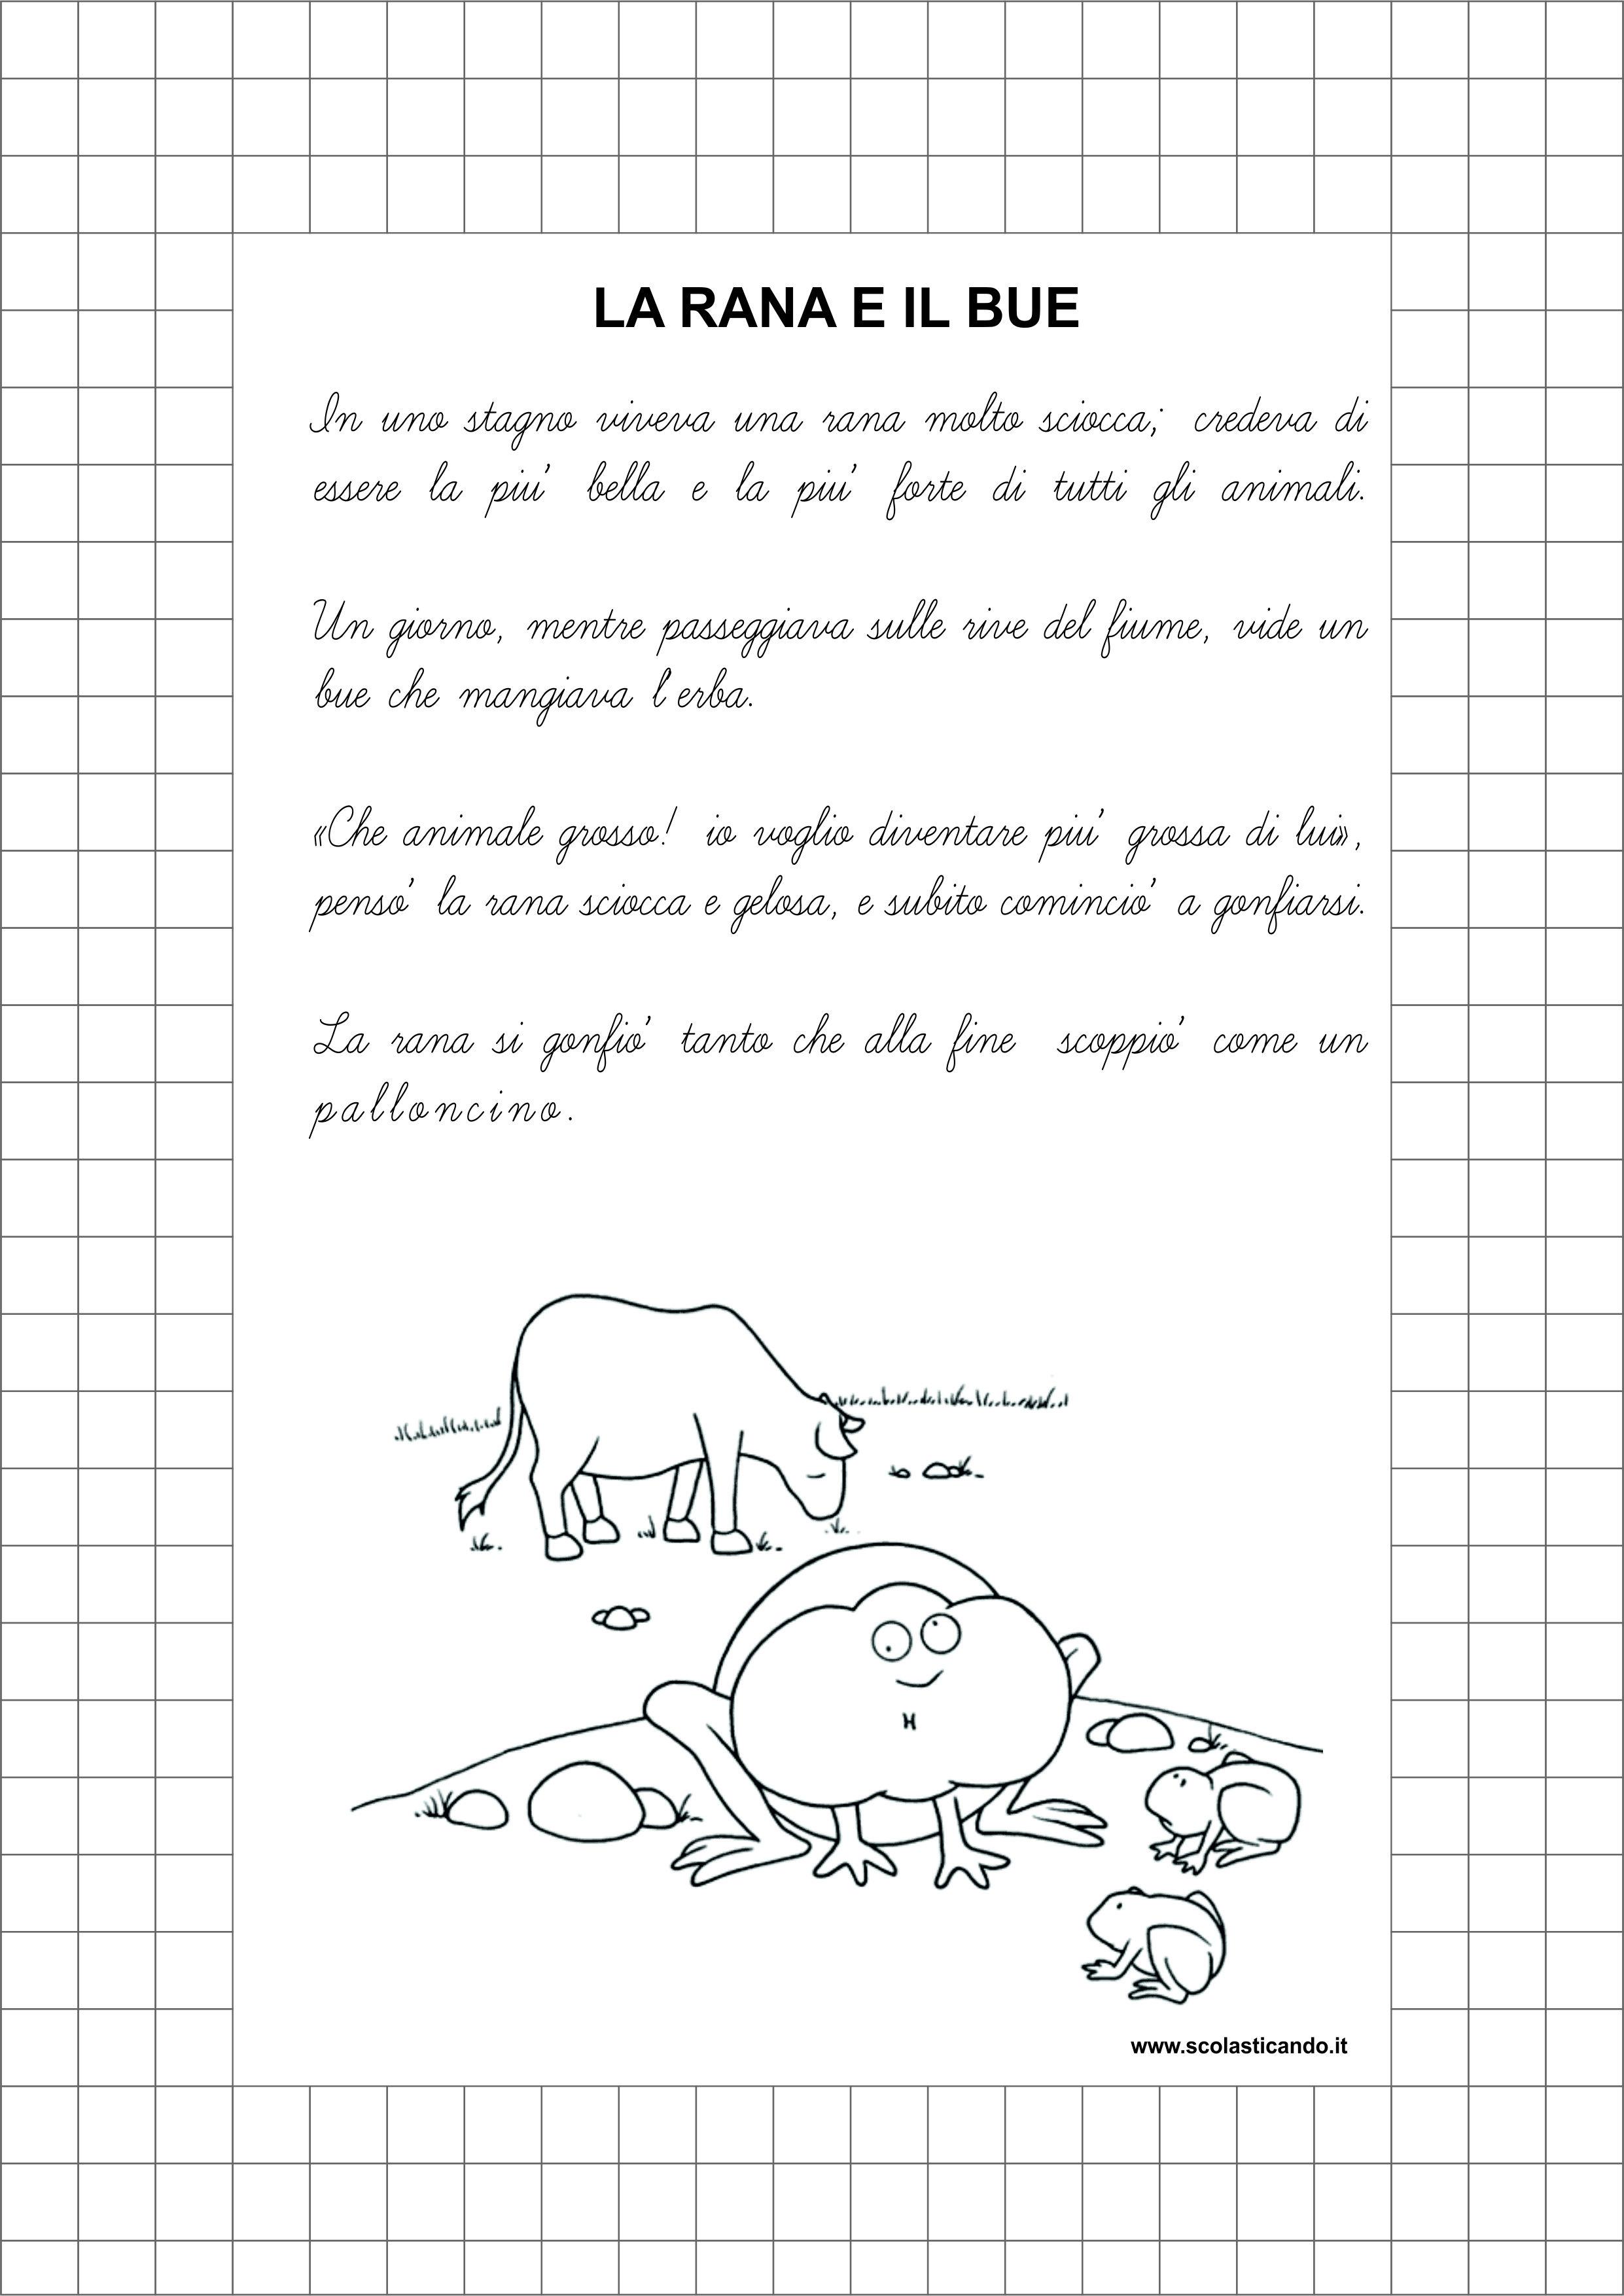 Amato Classe seconda, italiano: la rana e il bue, lettura e comprensione FY72